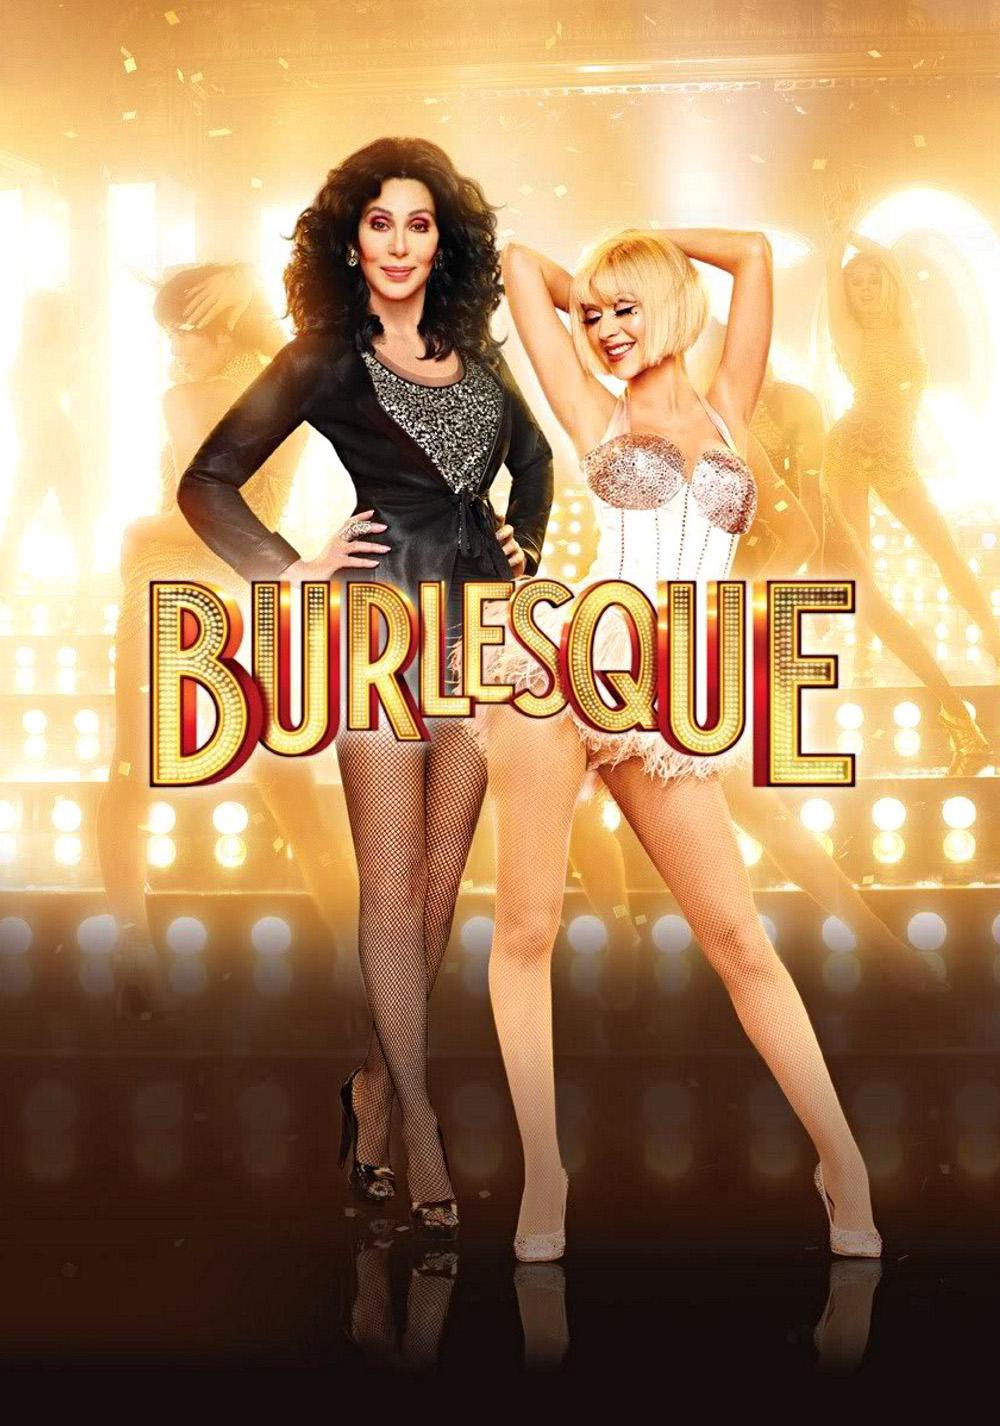 Burlesque Film